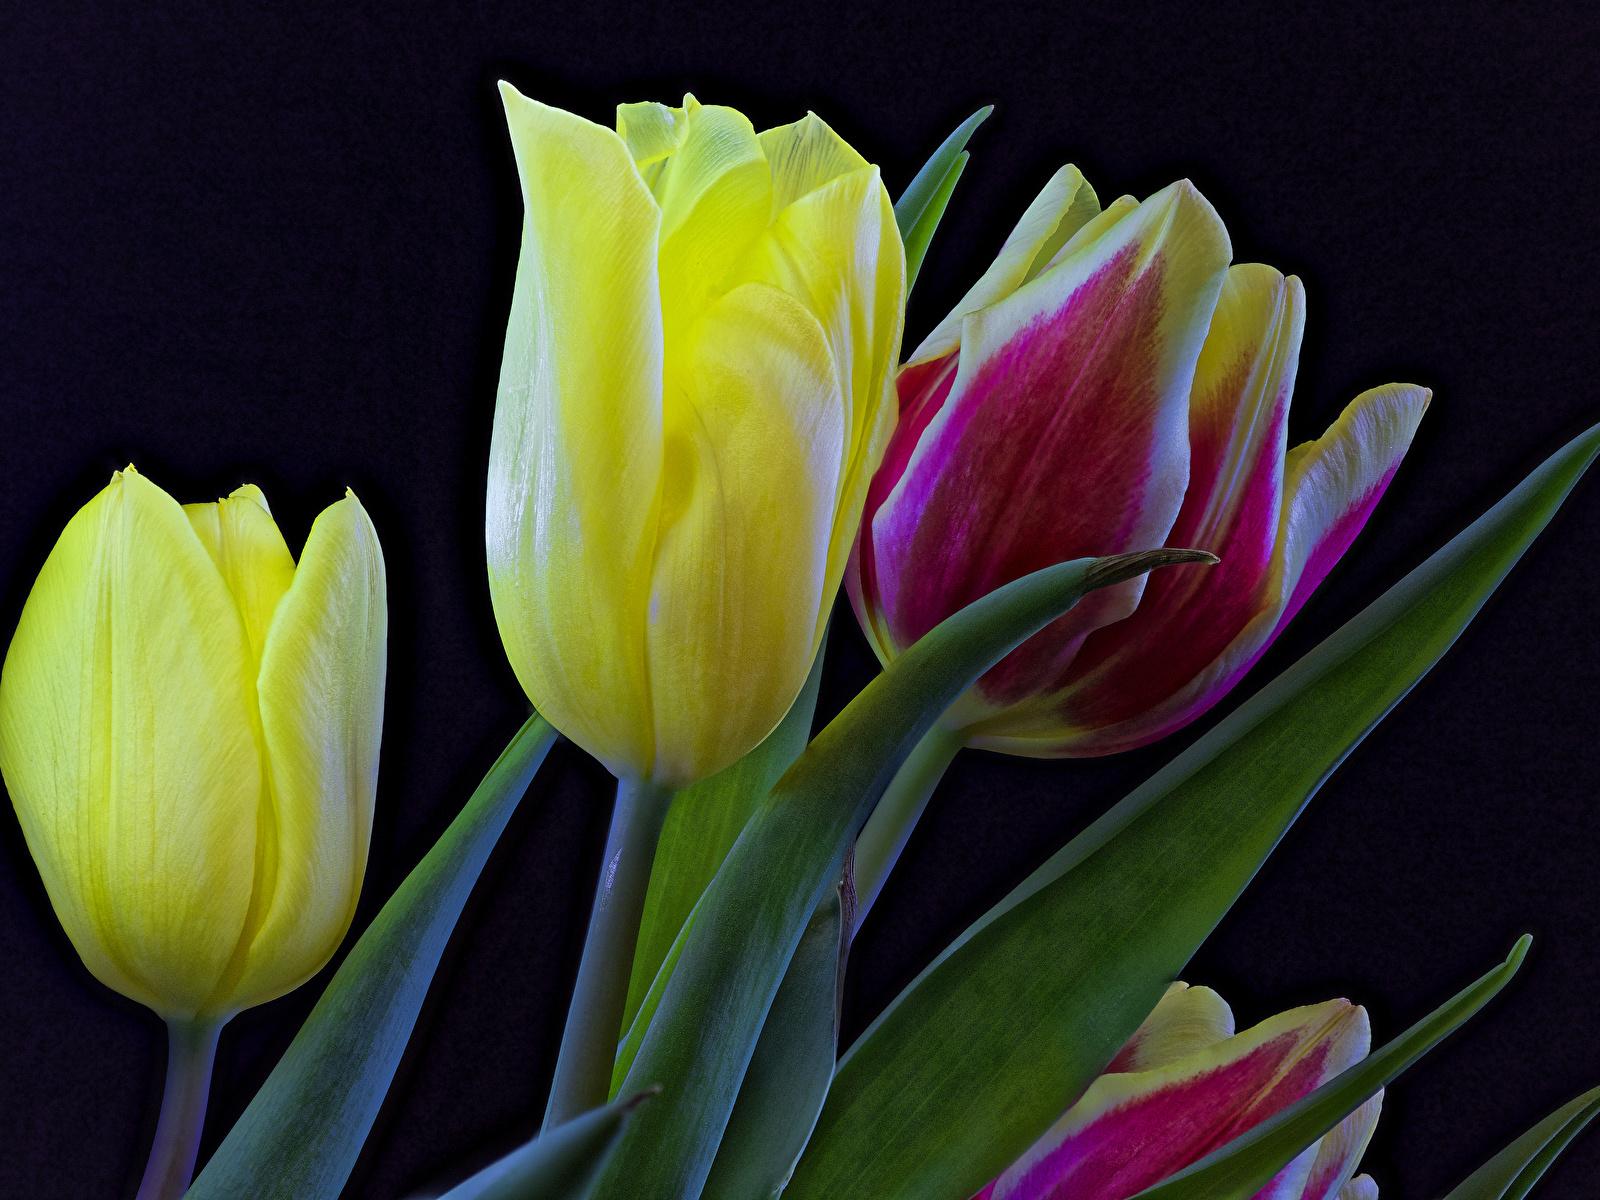 Обои Тюльпаны Цветы вблизи Черный фон 1600x1200 Крупным планом